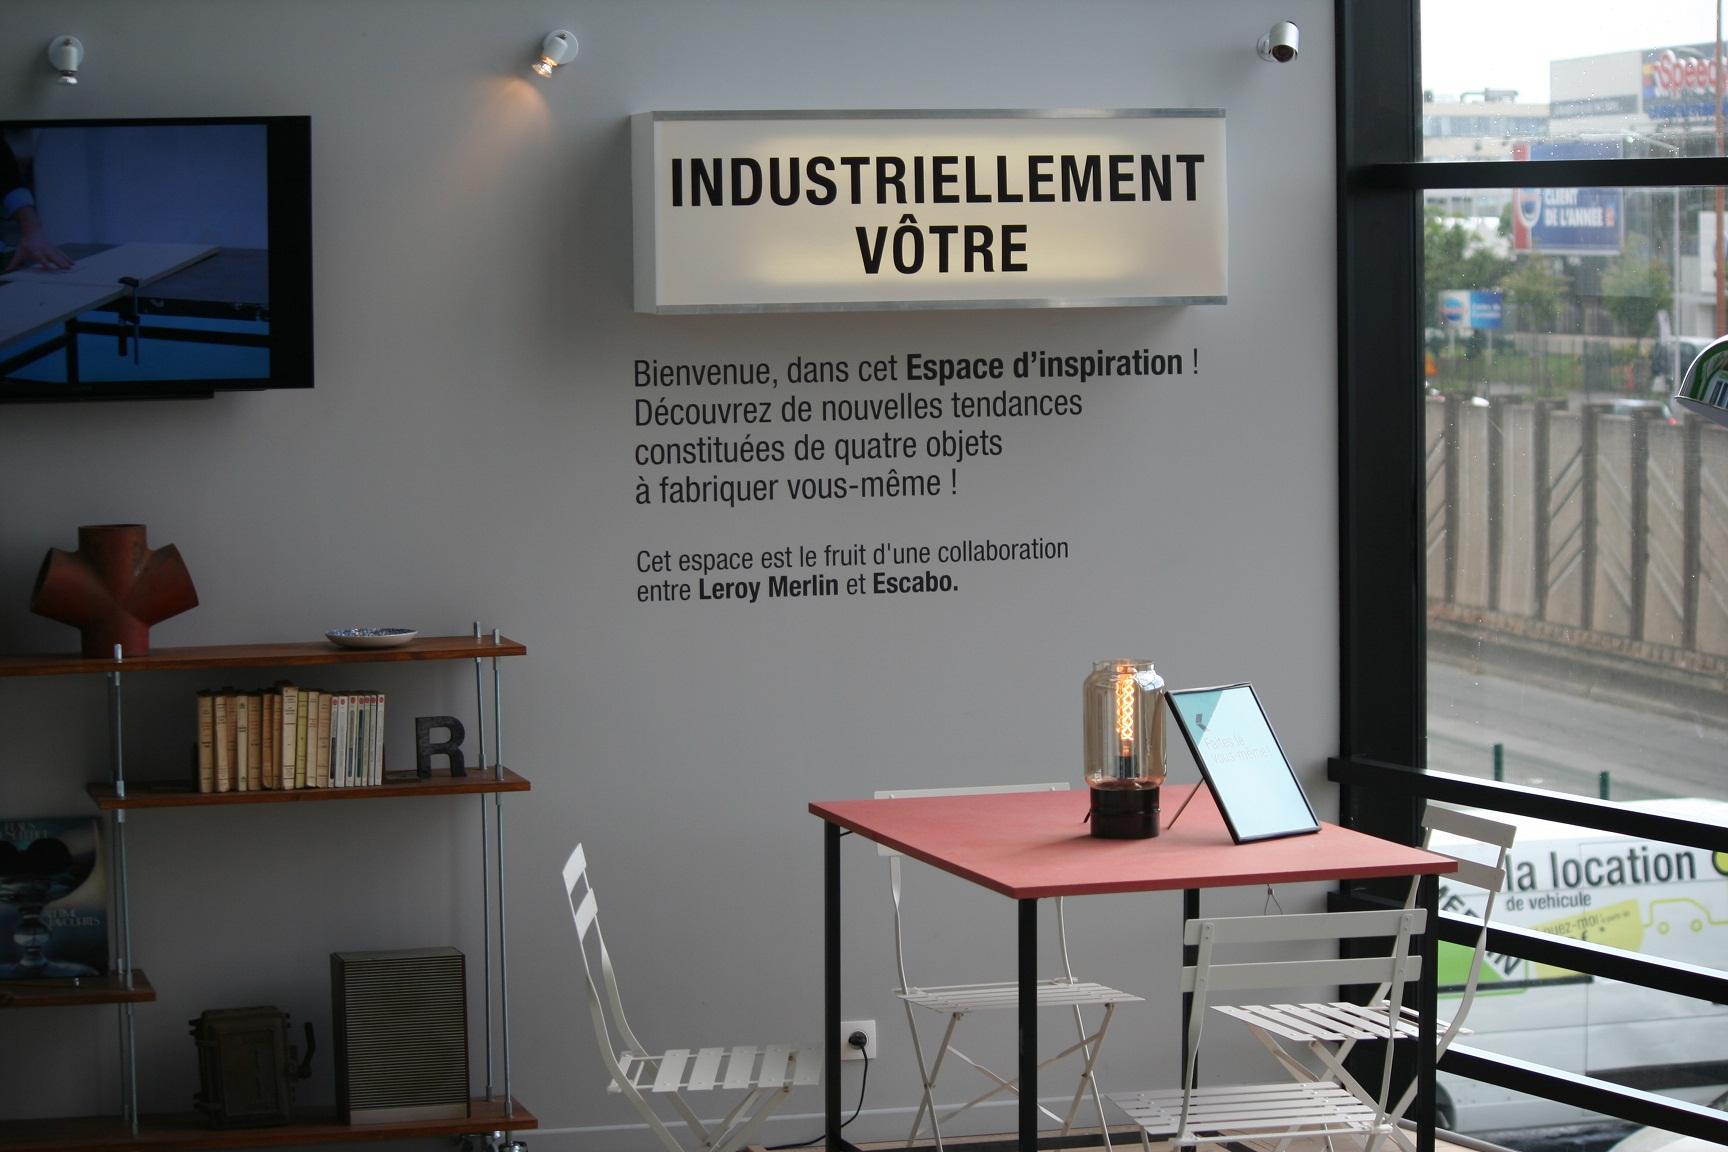 leroy merlin teste le magasin collaboratif bricolage jardinage. Black Bedroom Furniture Sets. Home Design Ideas